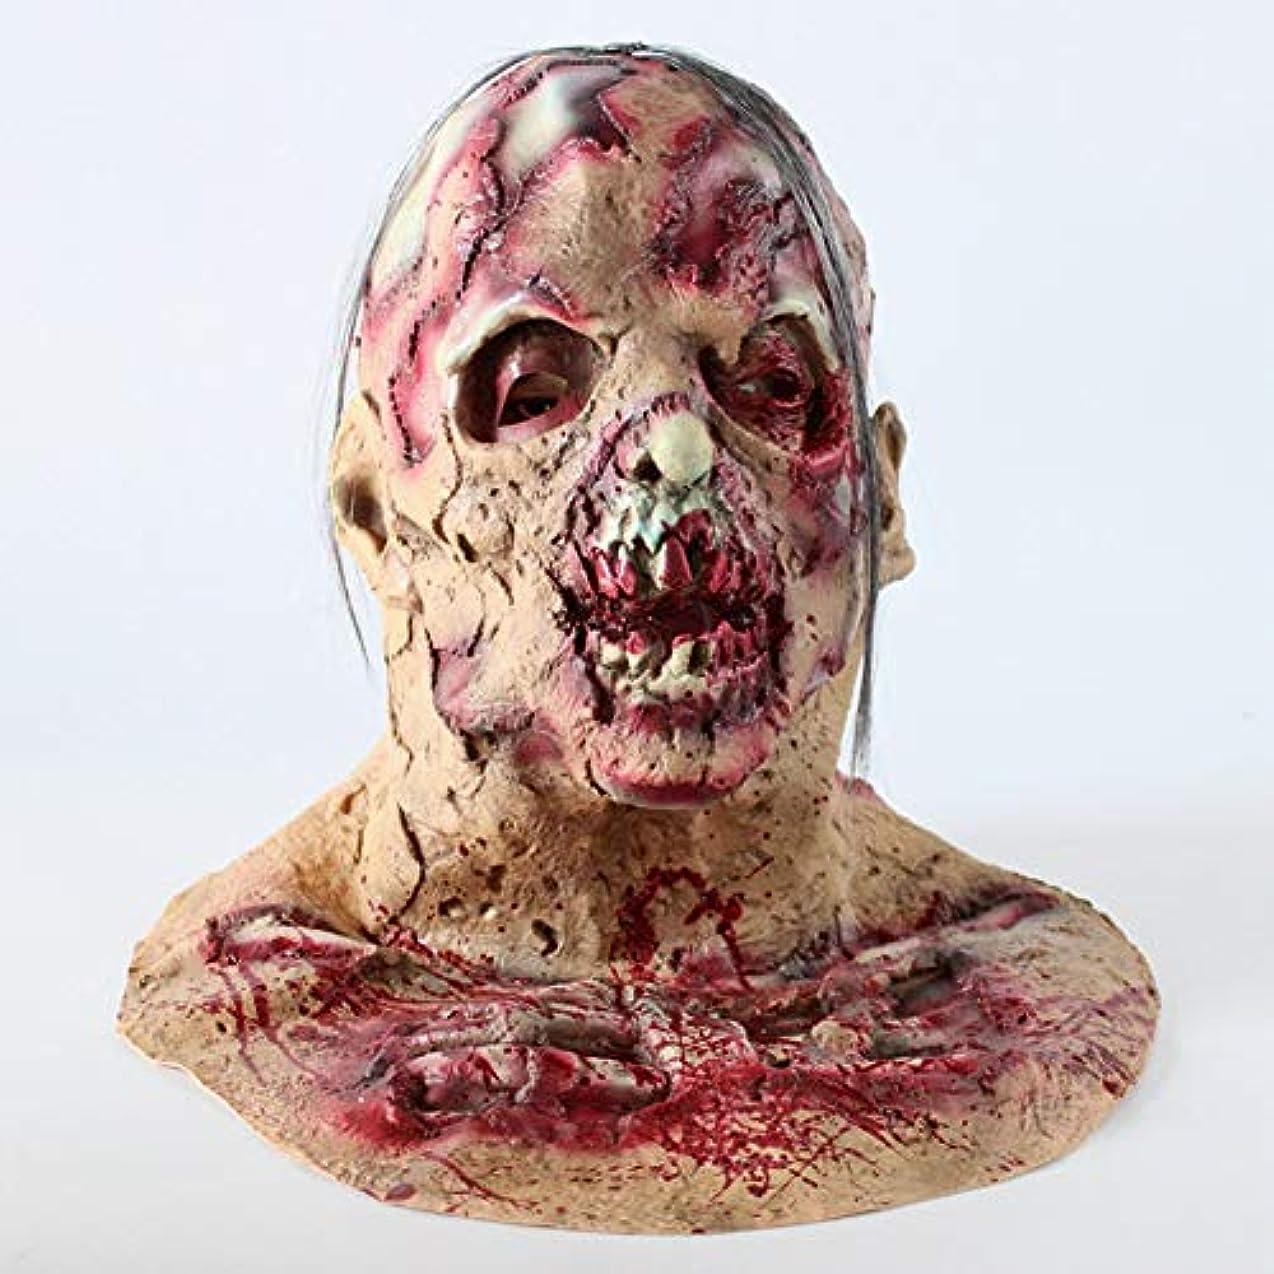 自明公式肖像画ハロウィーンホラーマスク、嫌なゾンビマスク、バイオハザードヘッドマスク、パーティー仮装ラテックスマスク